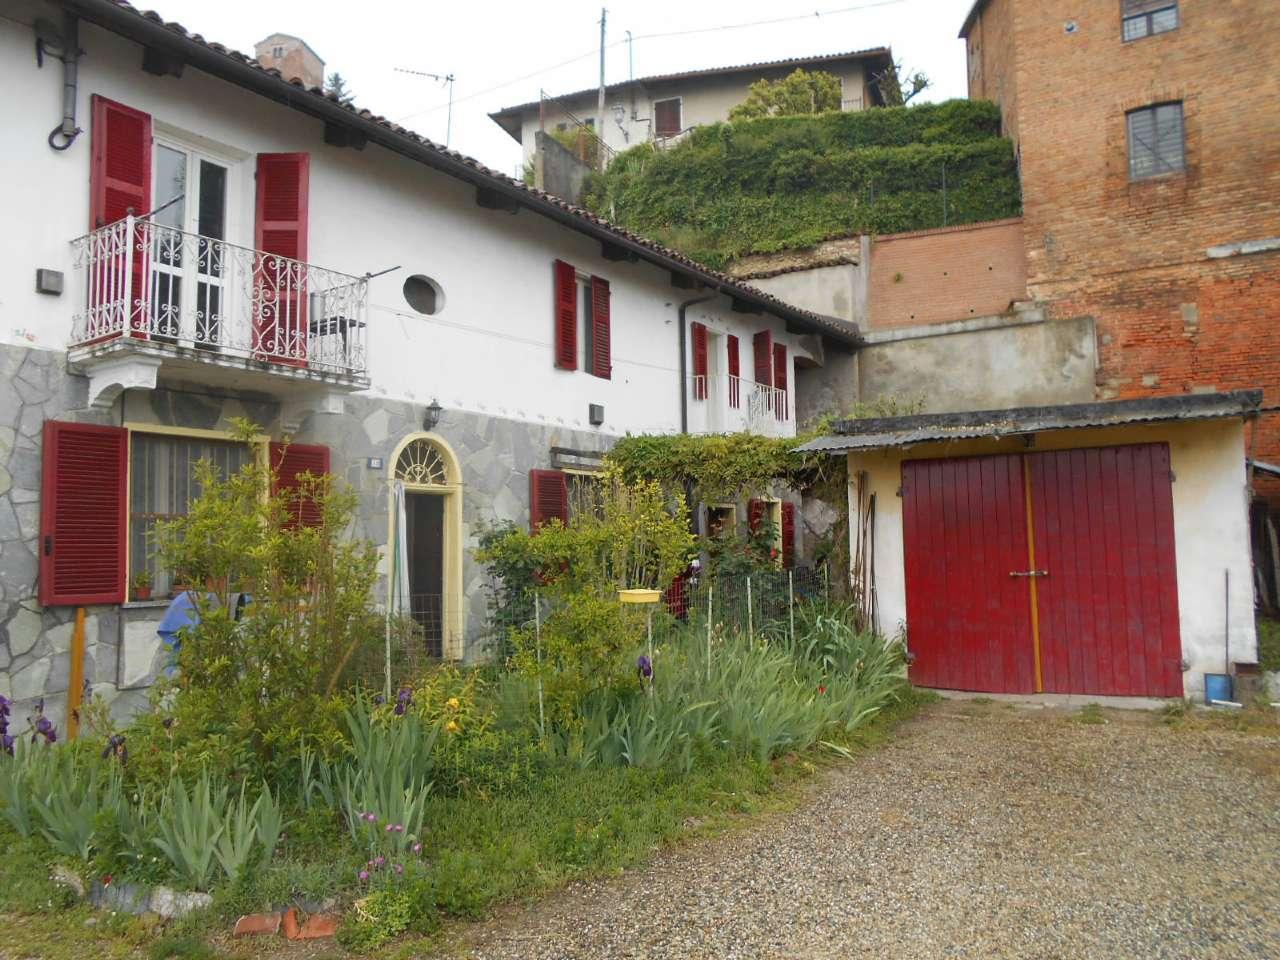 Soluzione Semindipendente in vendita a Cortazzone, 5 locali, prezzo € 79.000 | Cambio Casa.it